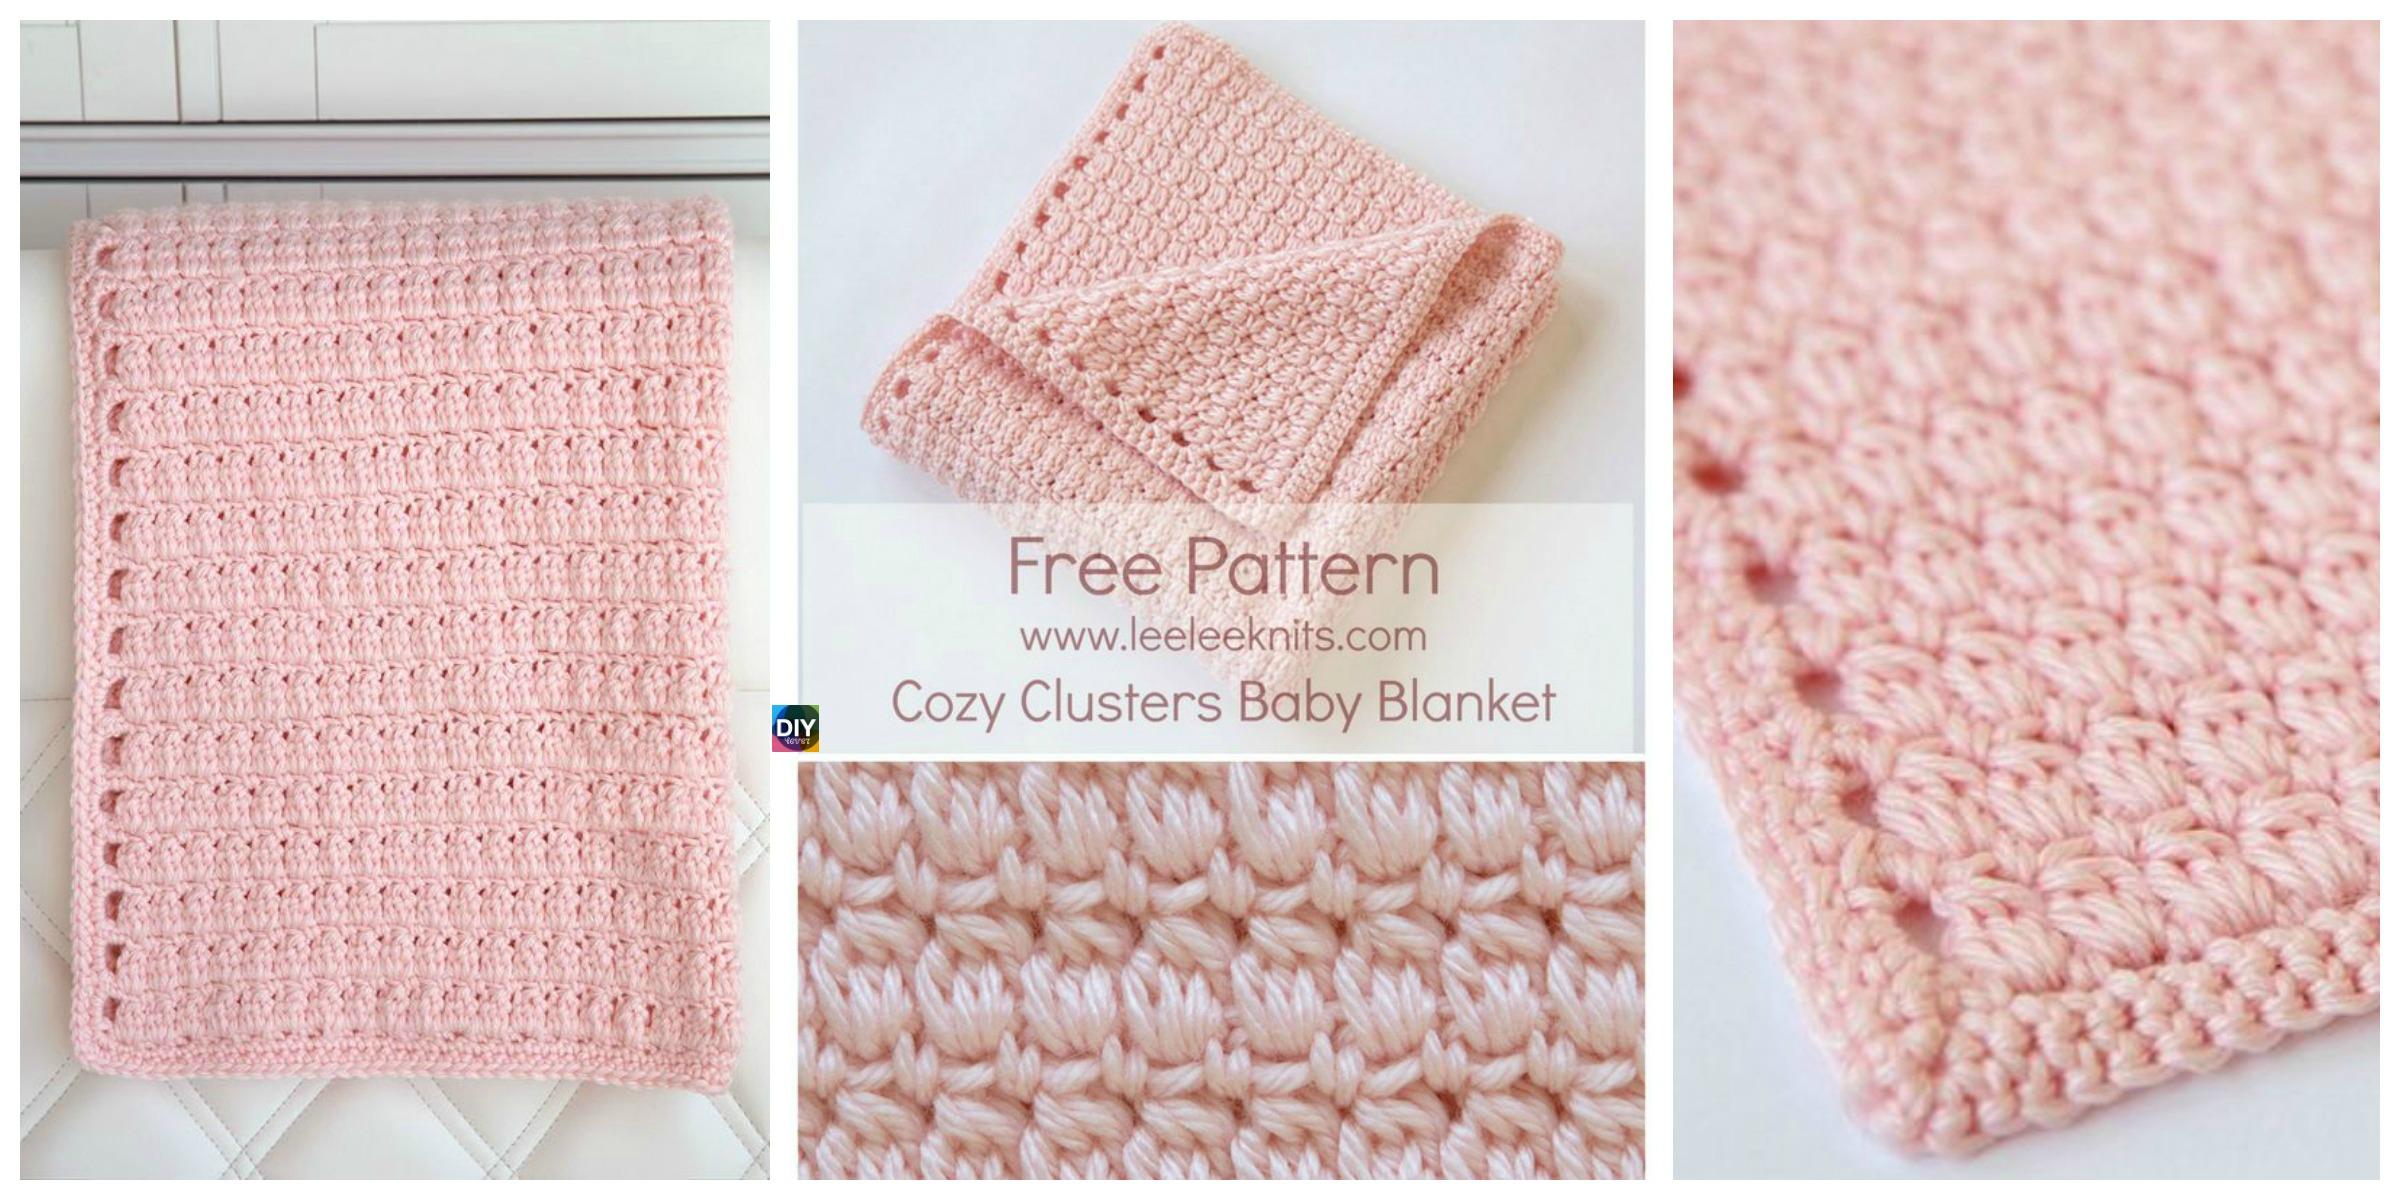 Cozy Clusters Crochet Baby Blanket – Free Pattern